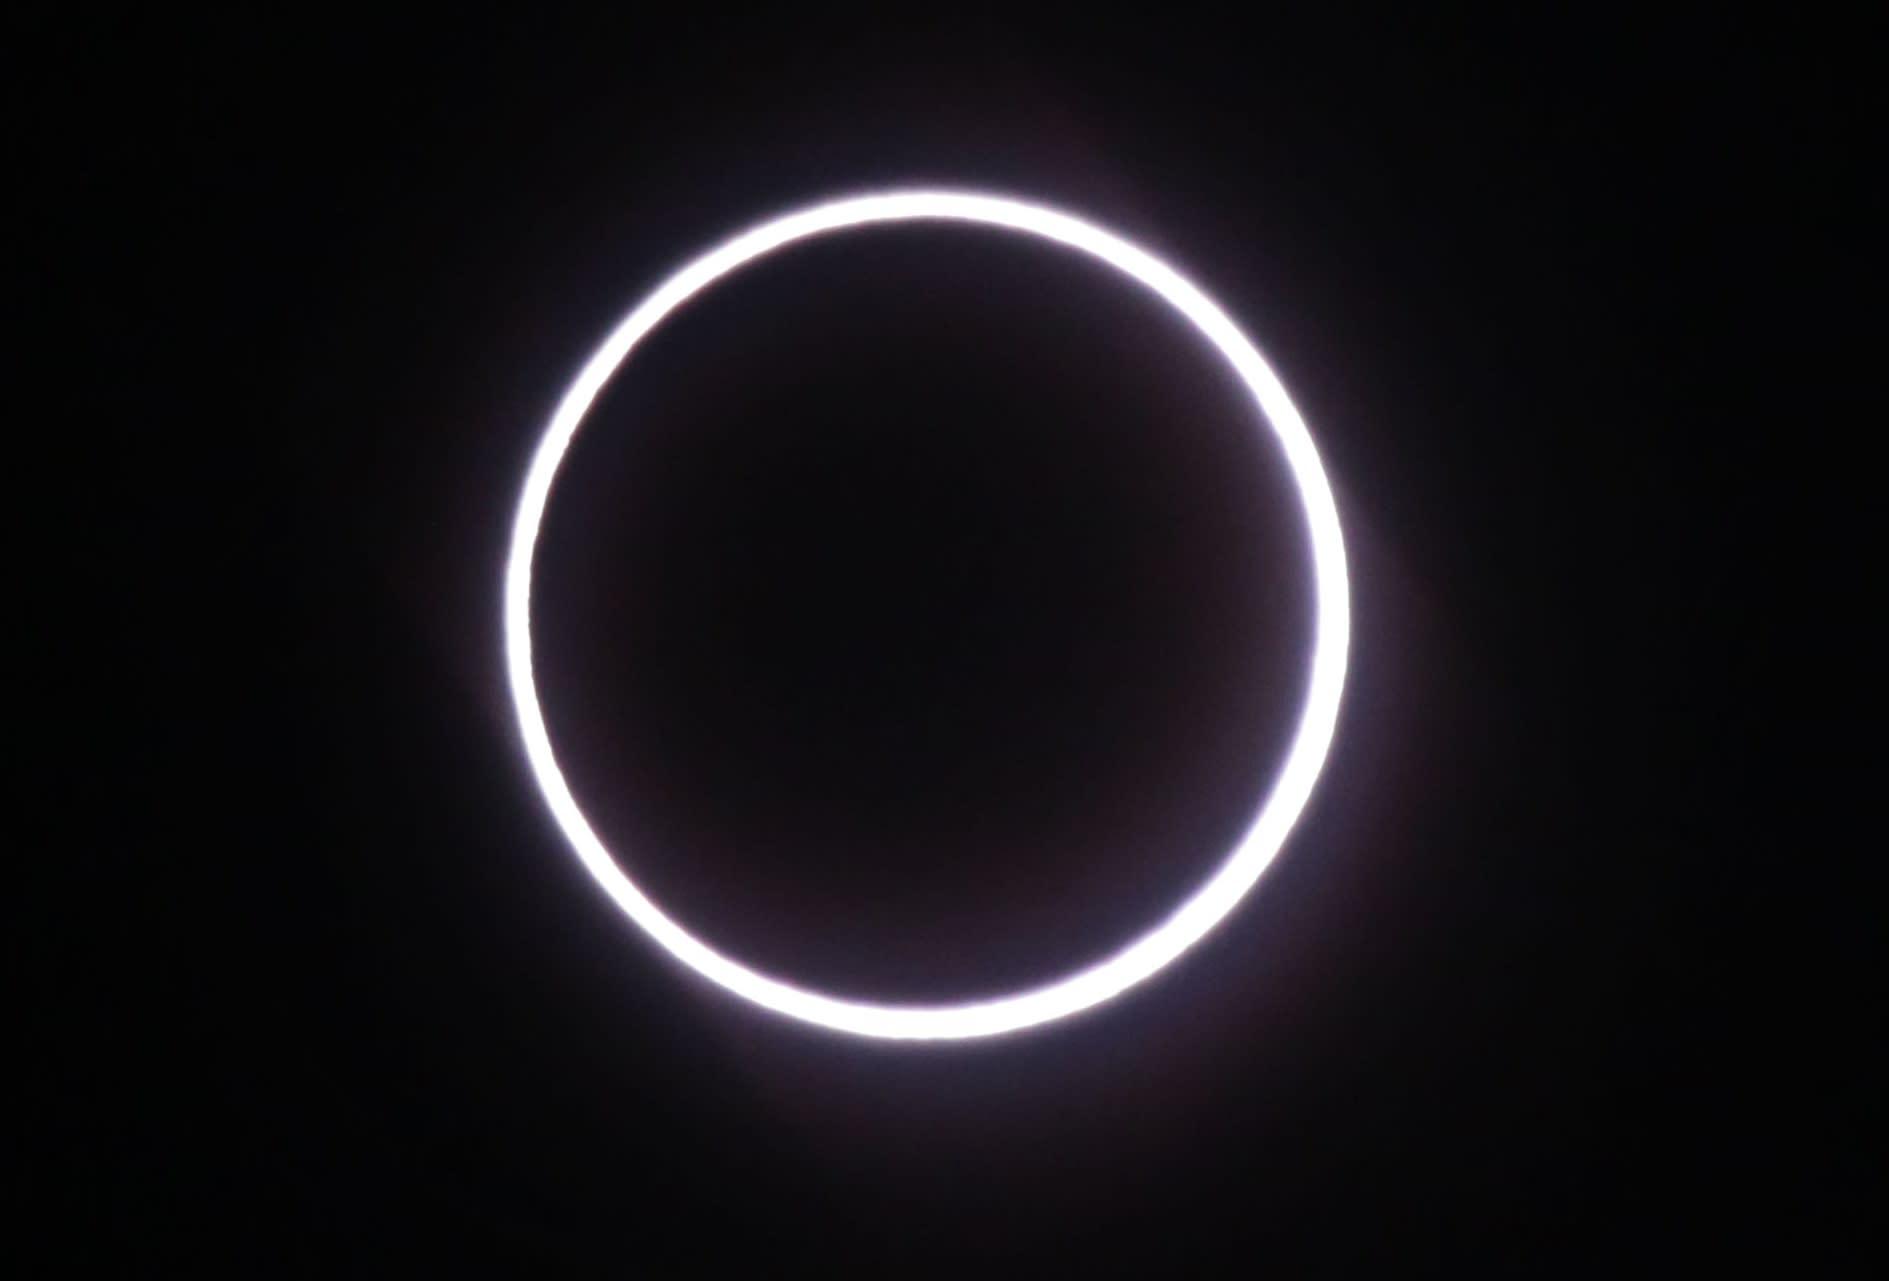 круг светящийся для фото выходец провинции иудея